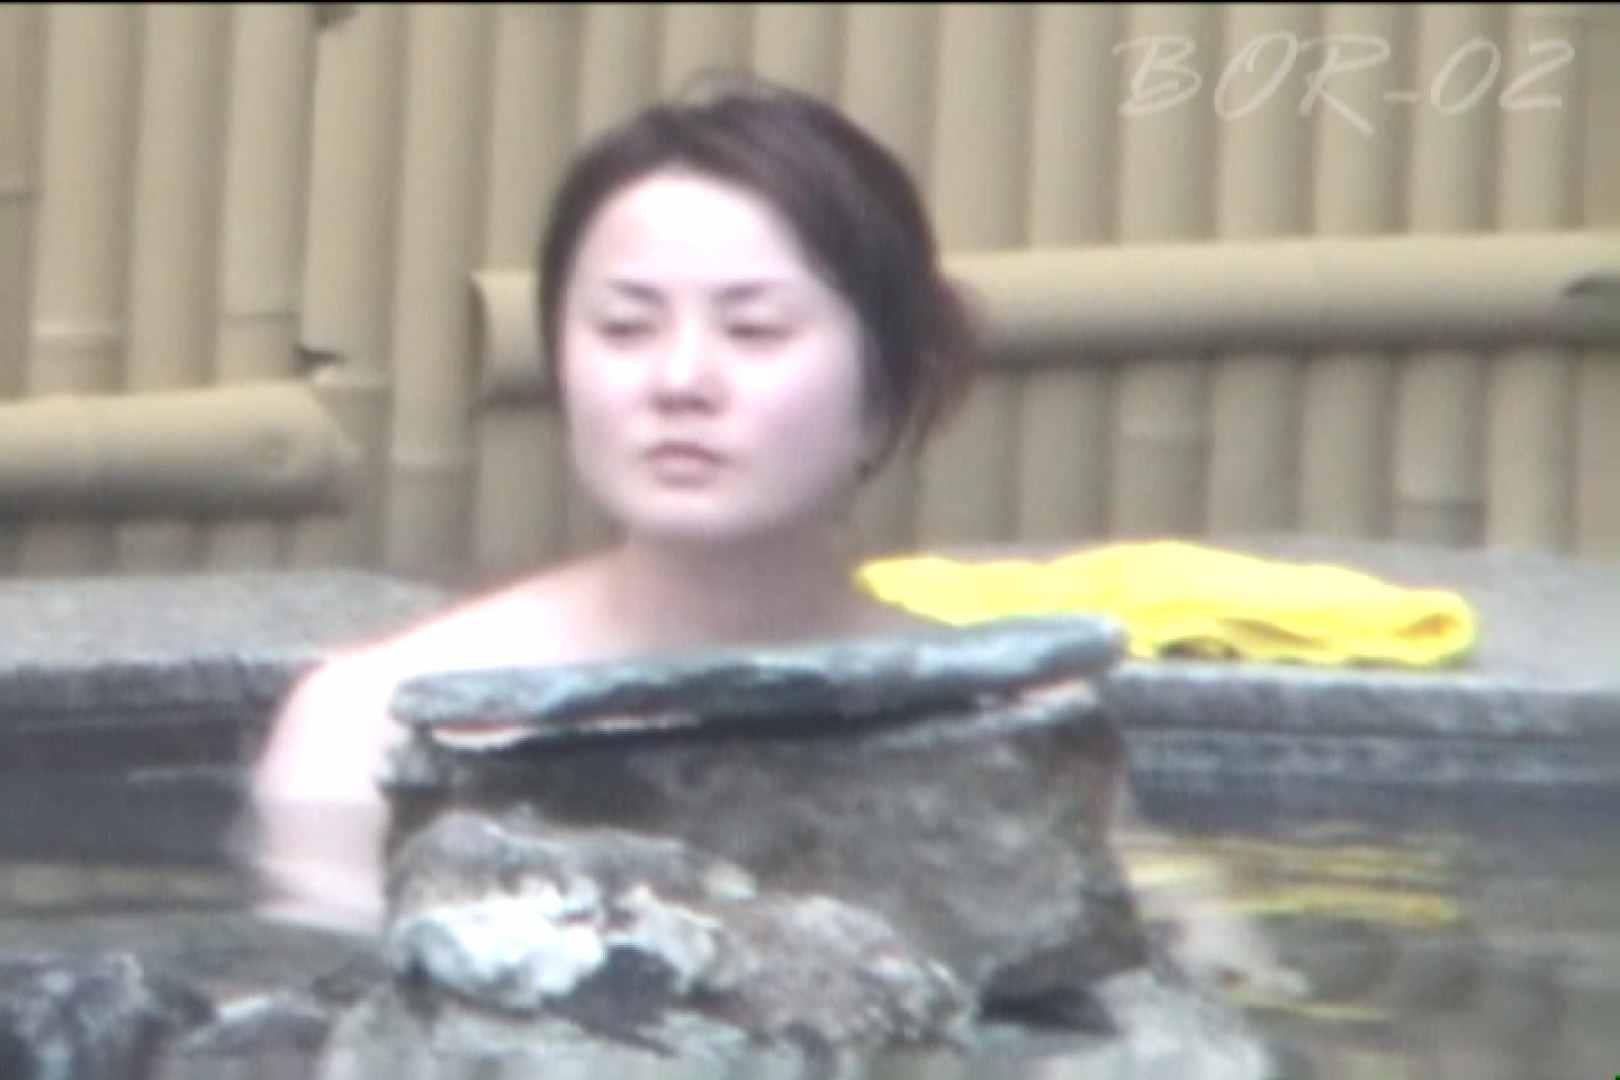 Aquaな露天風呂Vol.474 露天 | OLすけべ画像  87連発 1